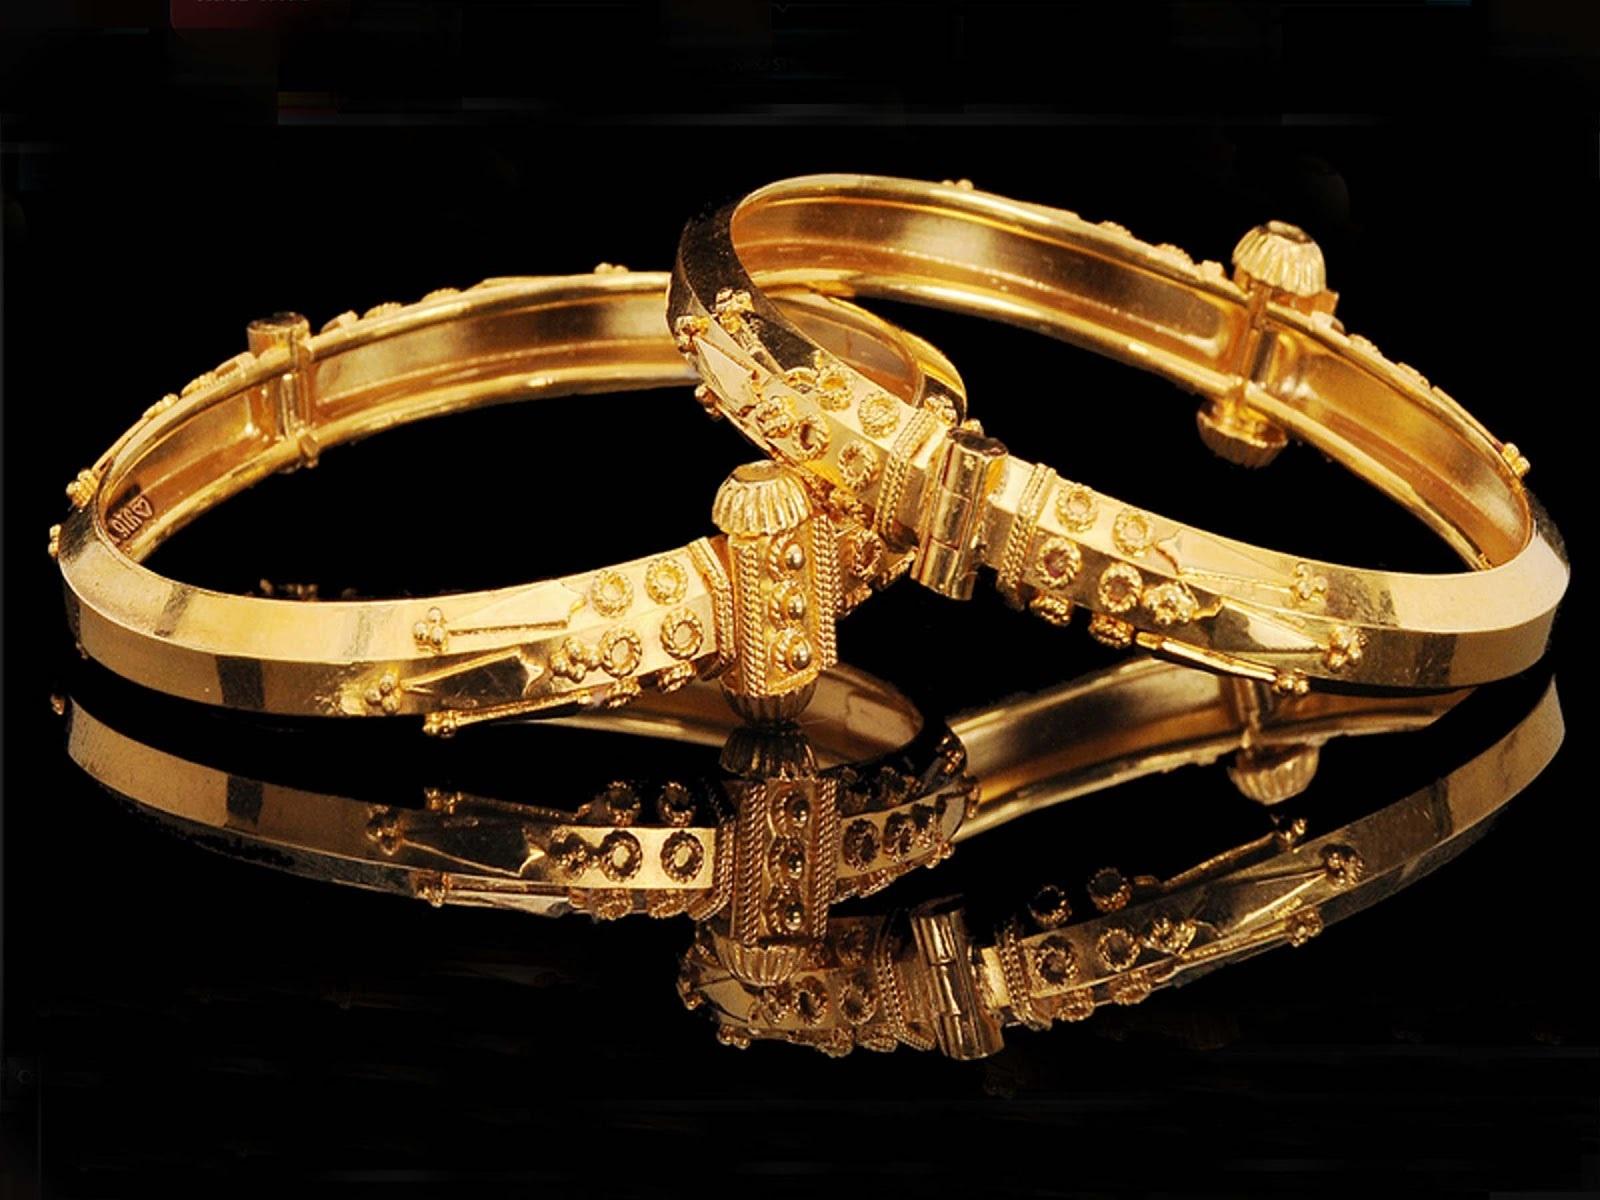 Giá vàng hôm nay ngày 22/6/2016 tiếp tục lao dốc thê thảm tại thị trường vàng trong nước